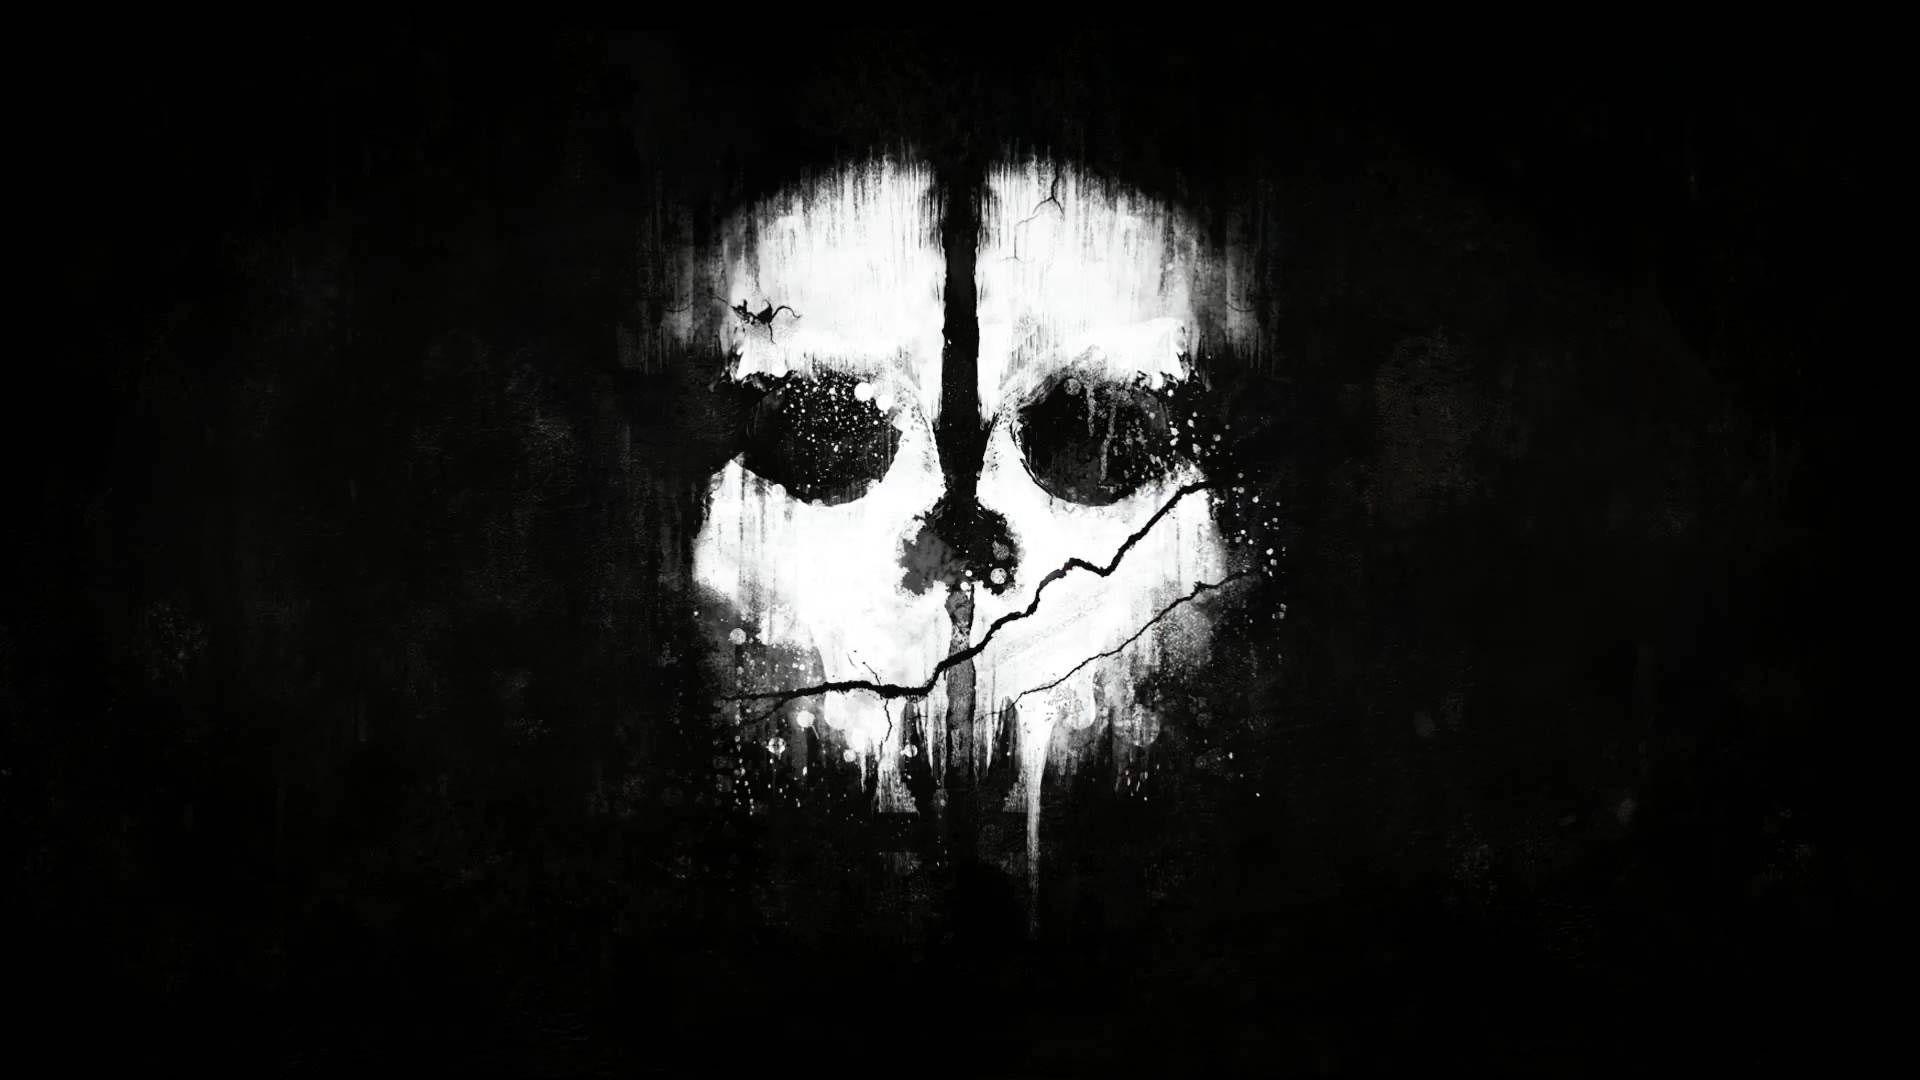 使命召唤10幽灵这款游戏荣获使命召唤系列的最佳,除了剧情之外,画面也是被大家认可的,今天大家就和小编一起看看使命召唤10幽灵高清壁纸吧,有大家喜欢的吗?